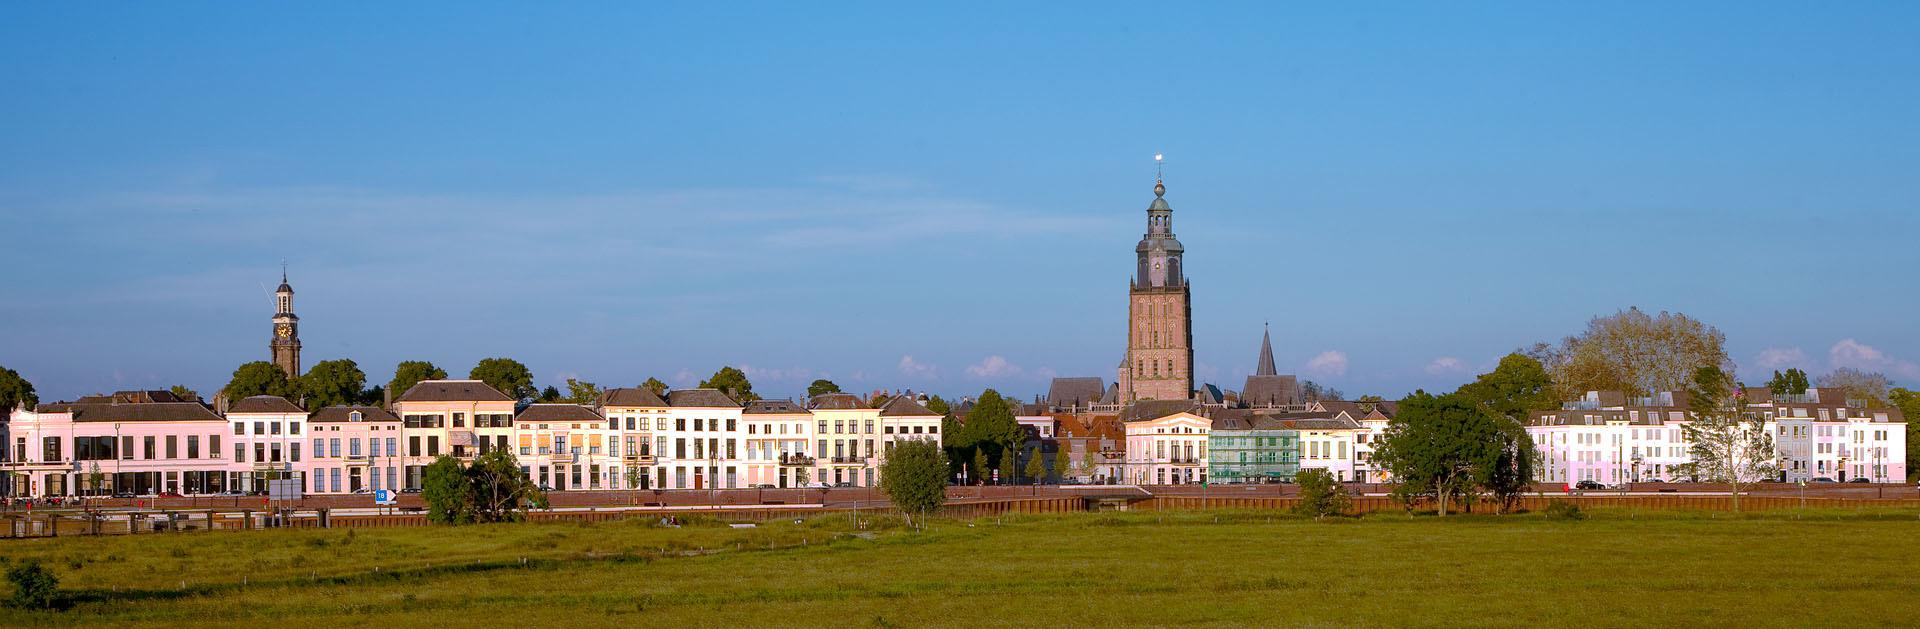 Panorama Zutphen - IJsselkade Achterhoek - Liemers